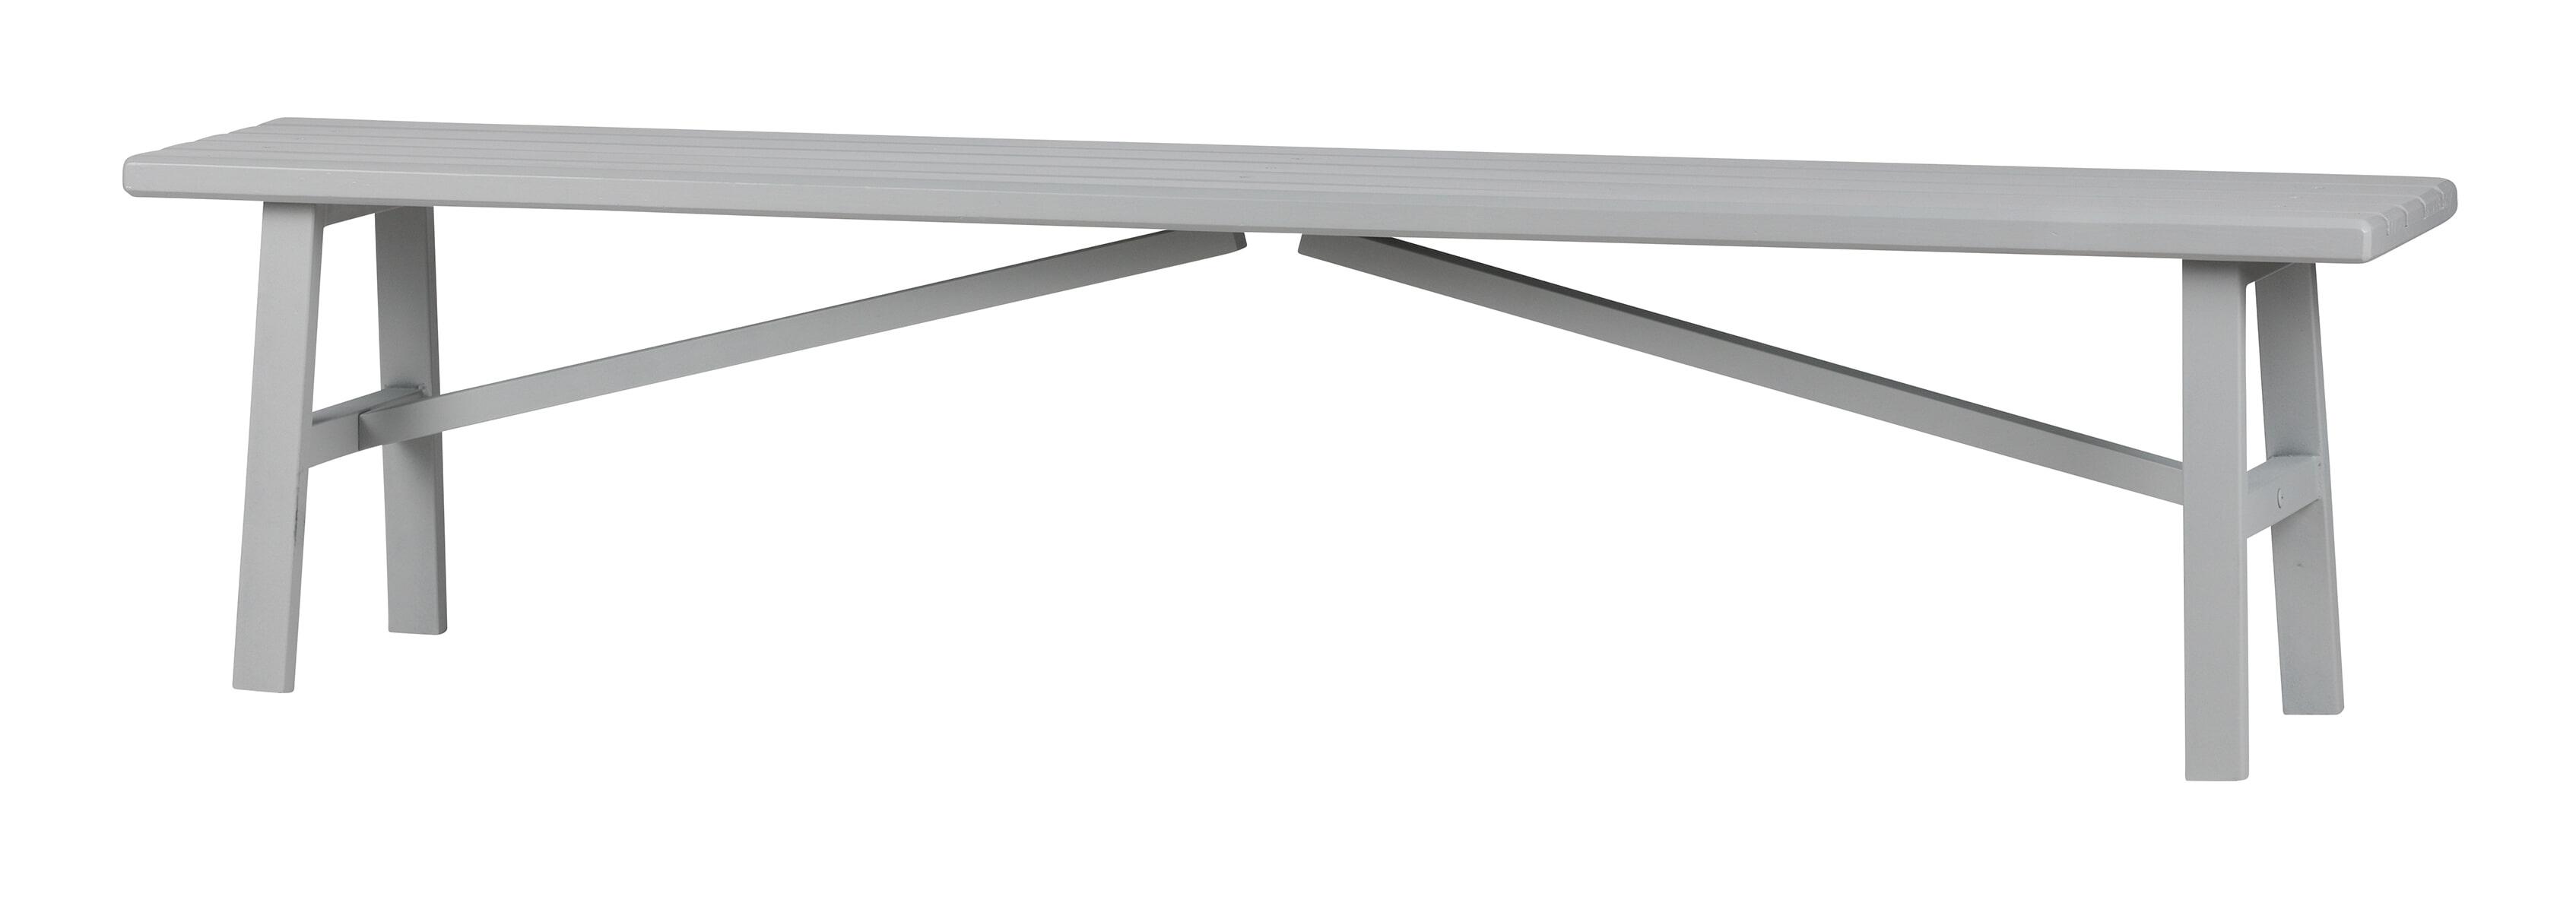 vtwonen Bankje 'Side' 160cm, kleur Betongrijs met voordeel snel in huis via Meubel Partner